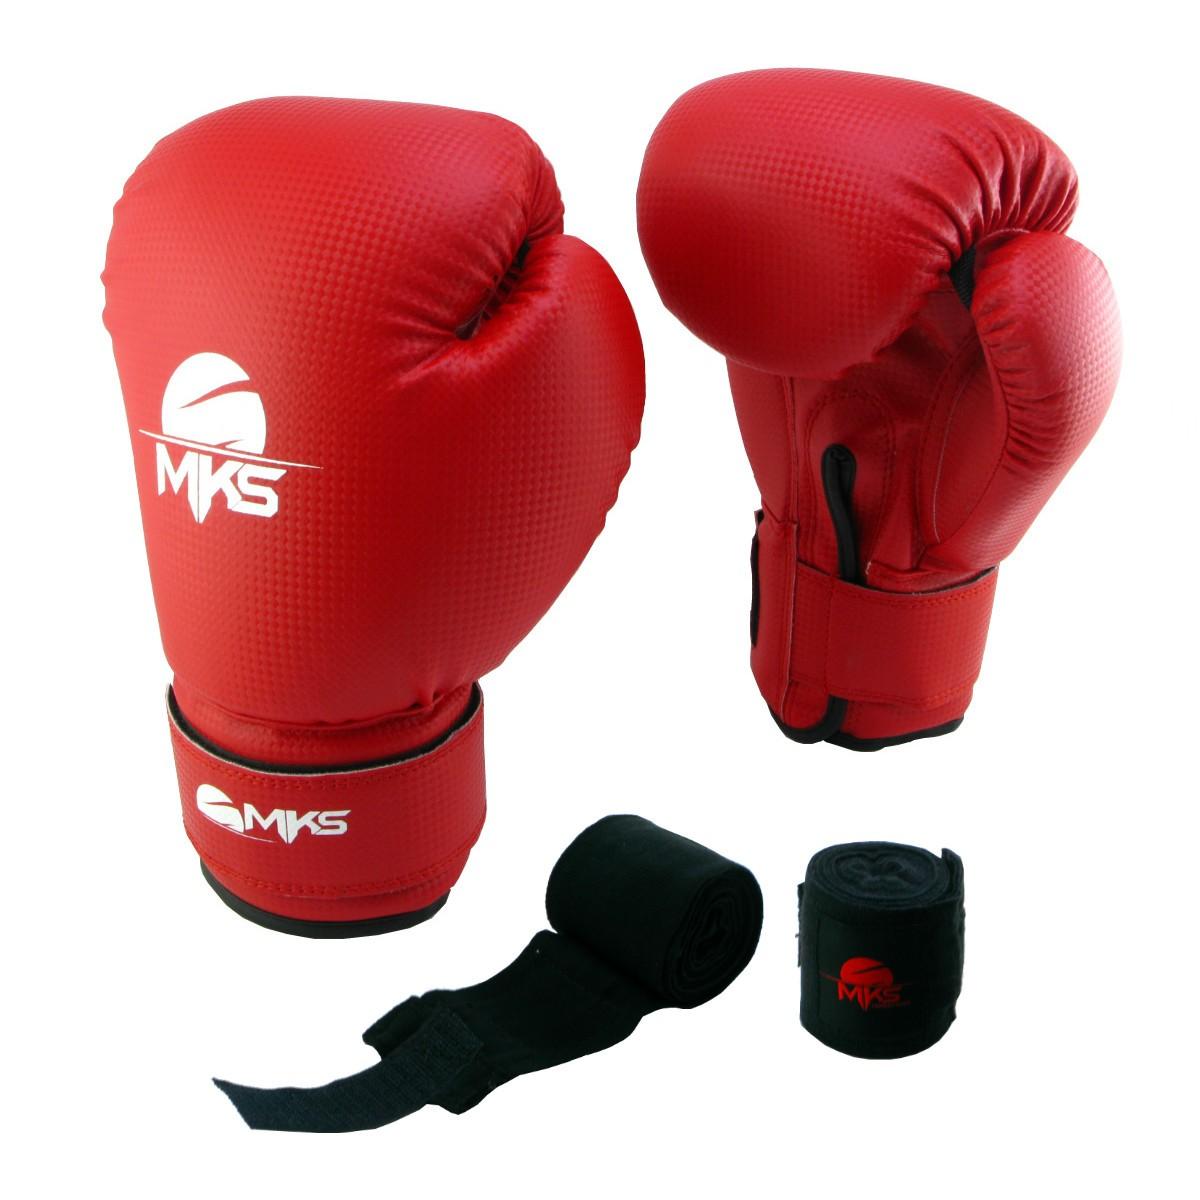 Luva de Boxe Prospect MKS Vermelha 16 oz + bandagem